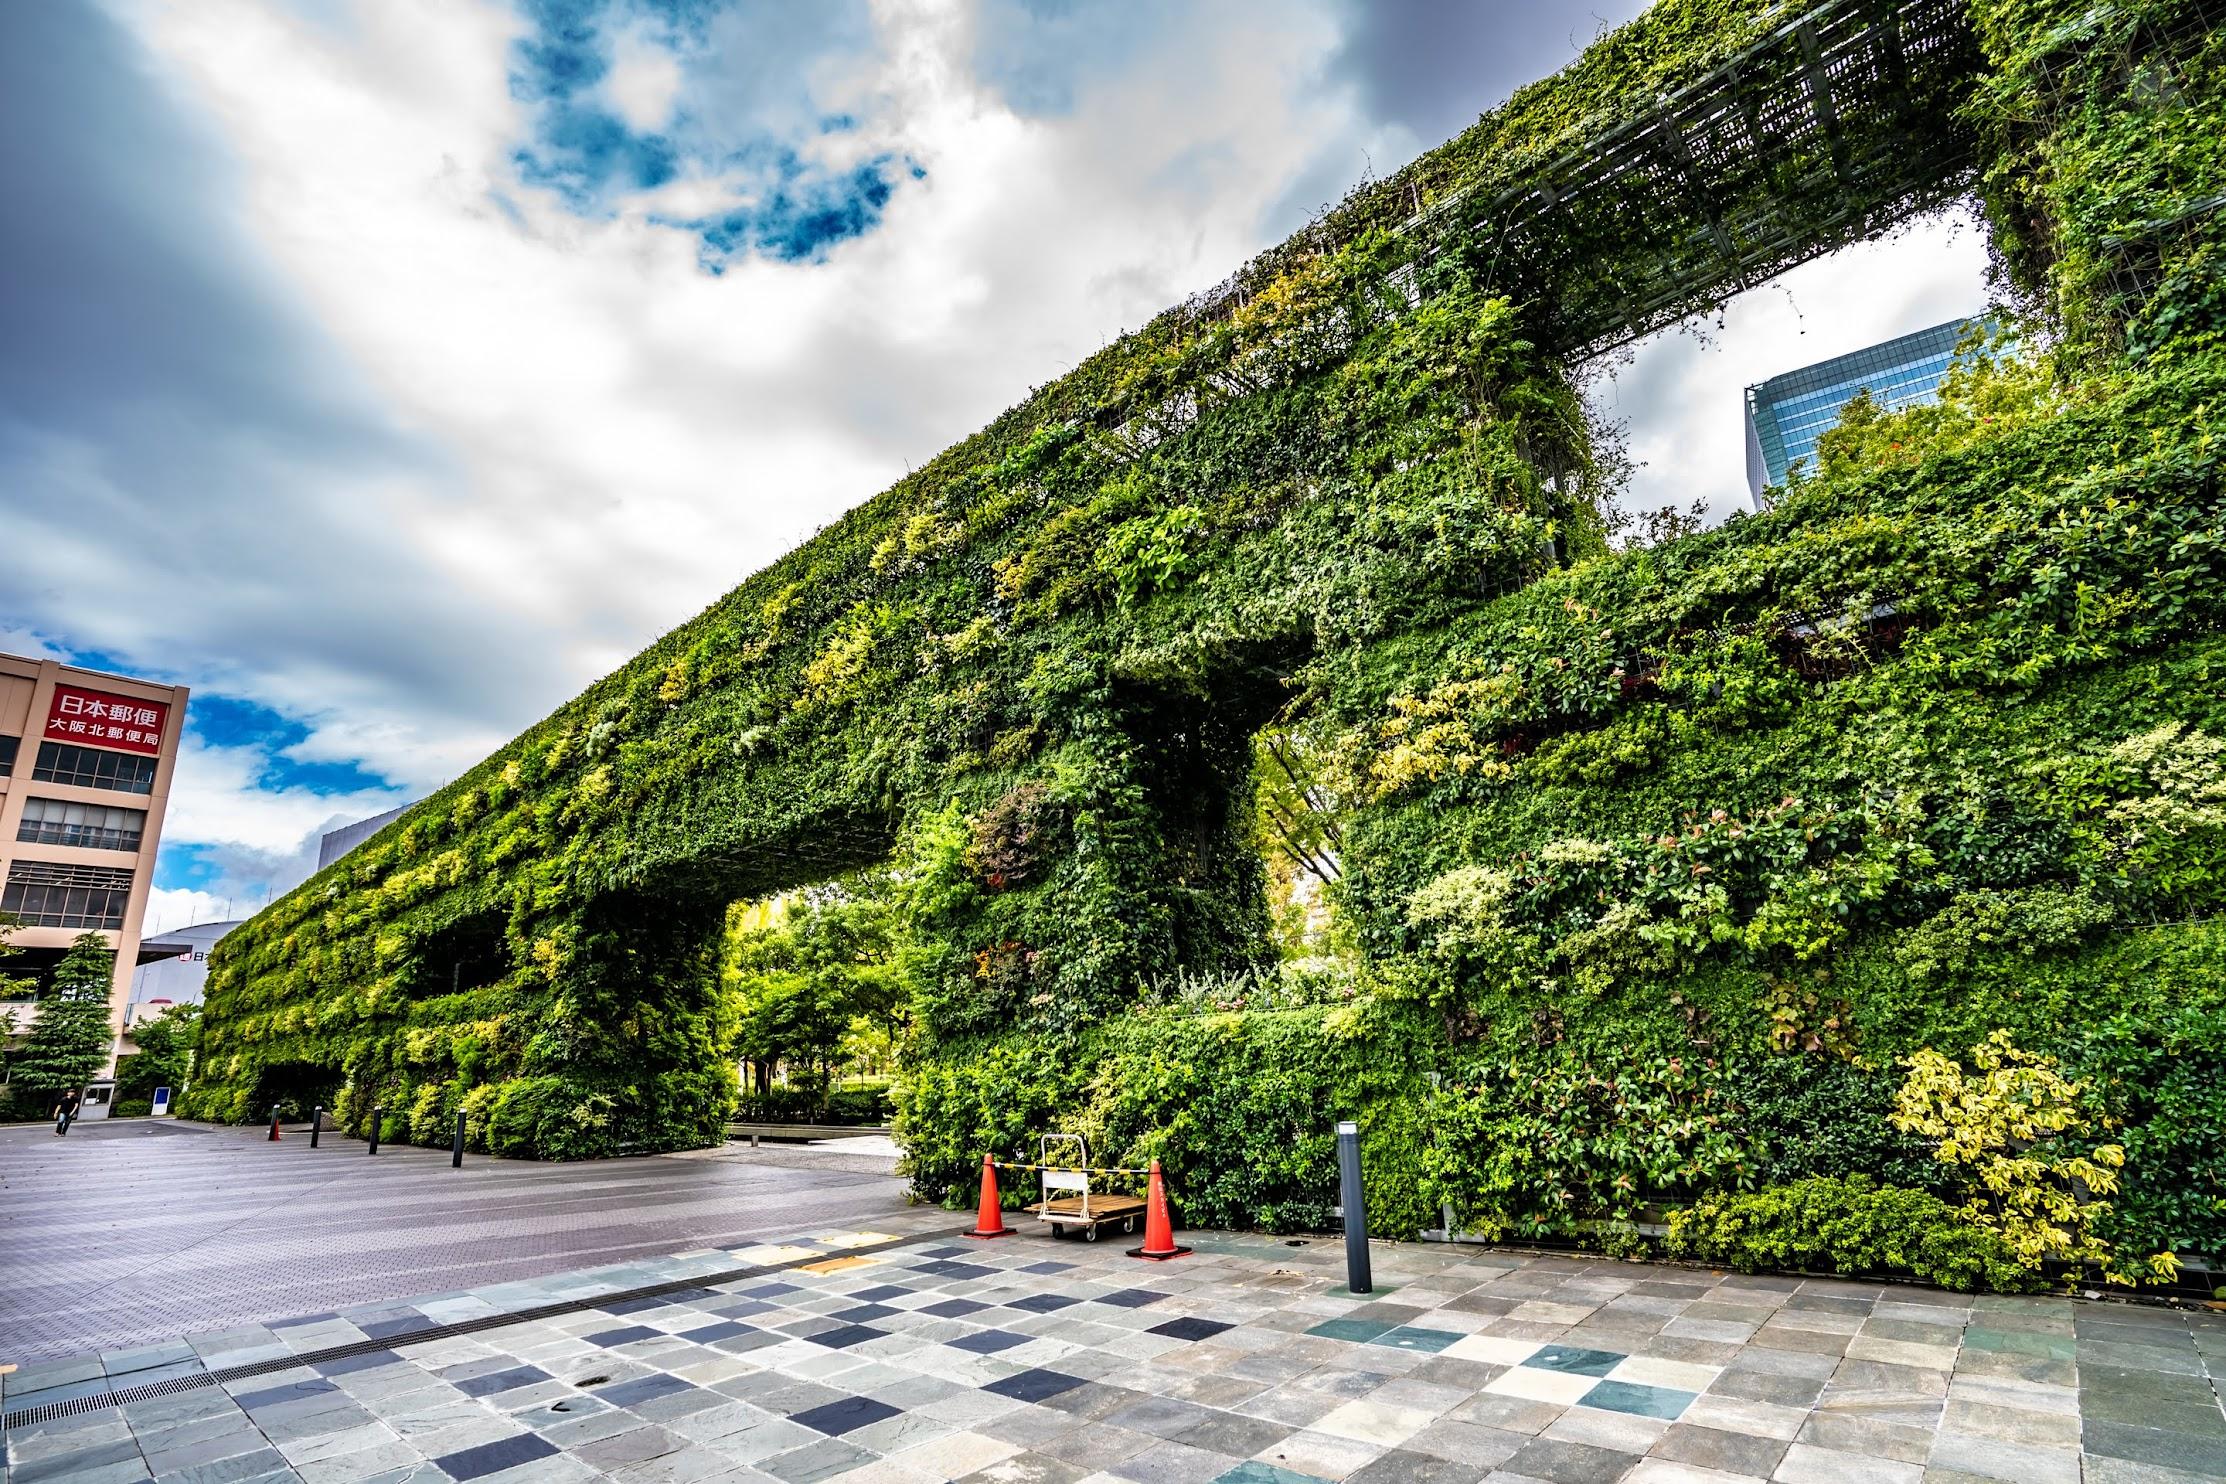 Umeda Sky Building Wall of Hope